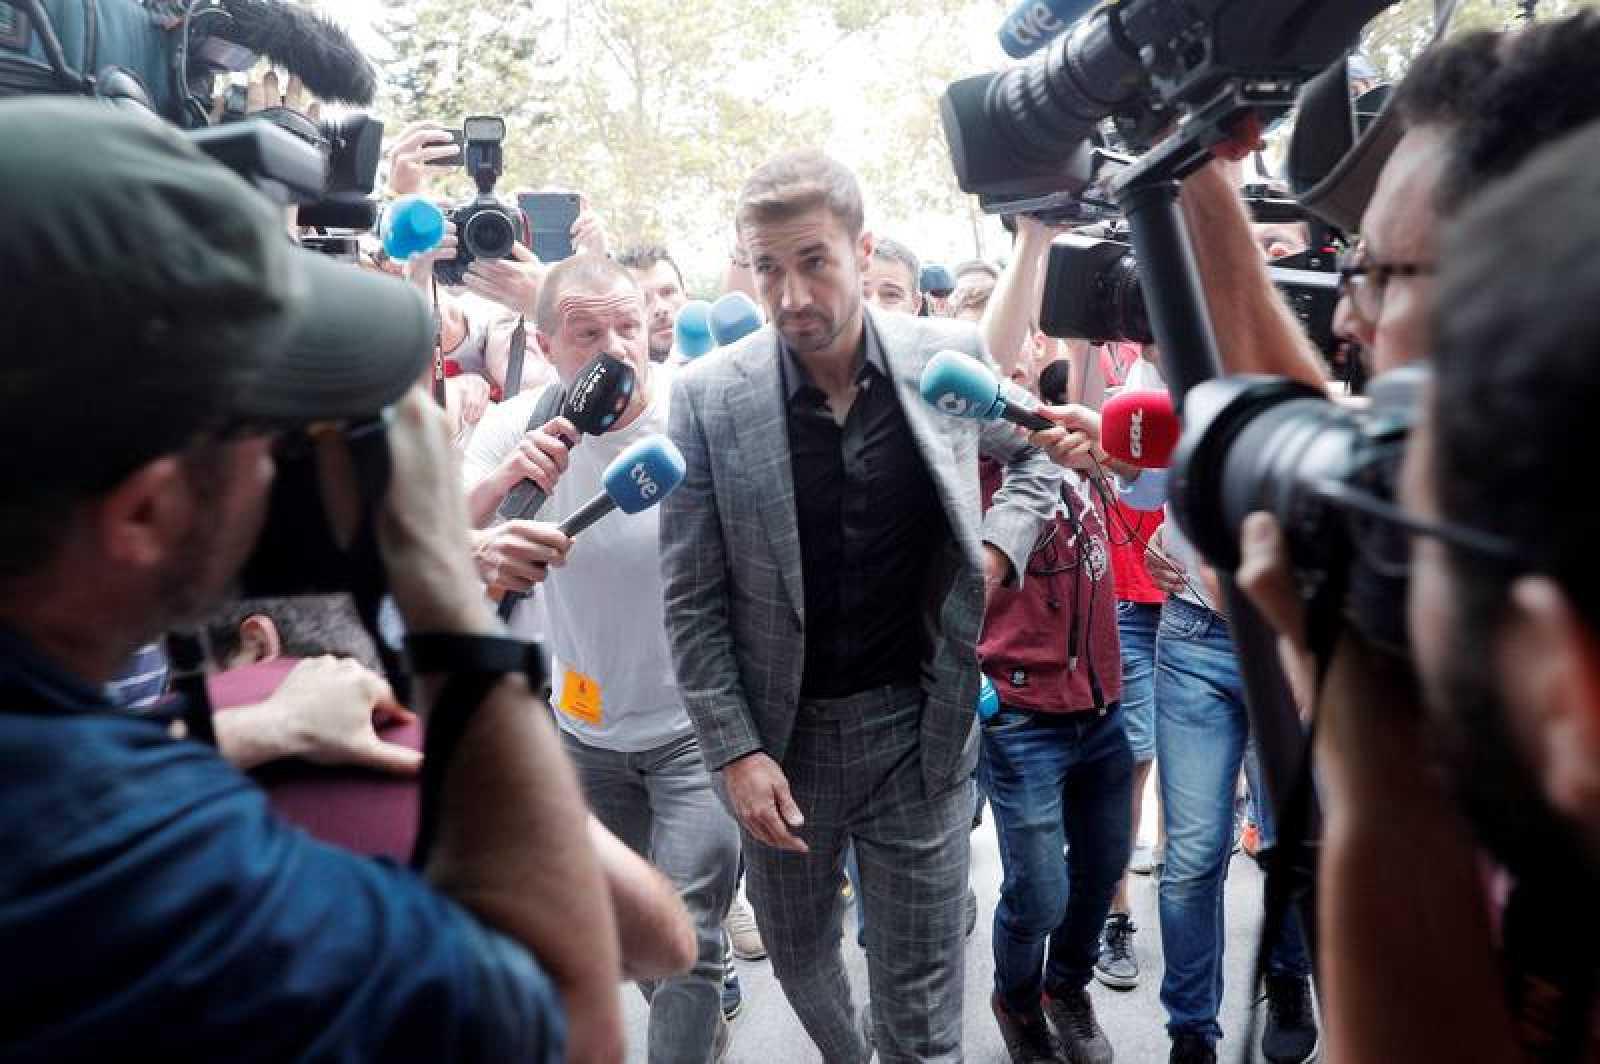 El exjugador del Zaragoza, Gabi, a su llegada al primer gran juicio en España por el posible amaño de un encuentro, el que disputaron el Levante y el Zaragoza en la última jornada de la campaña 2010-2011.